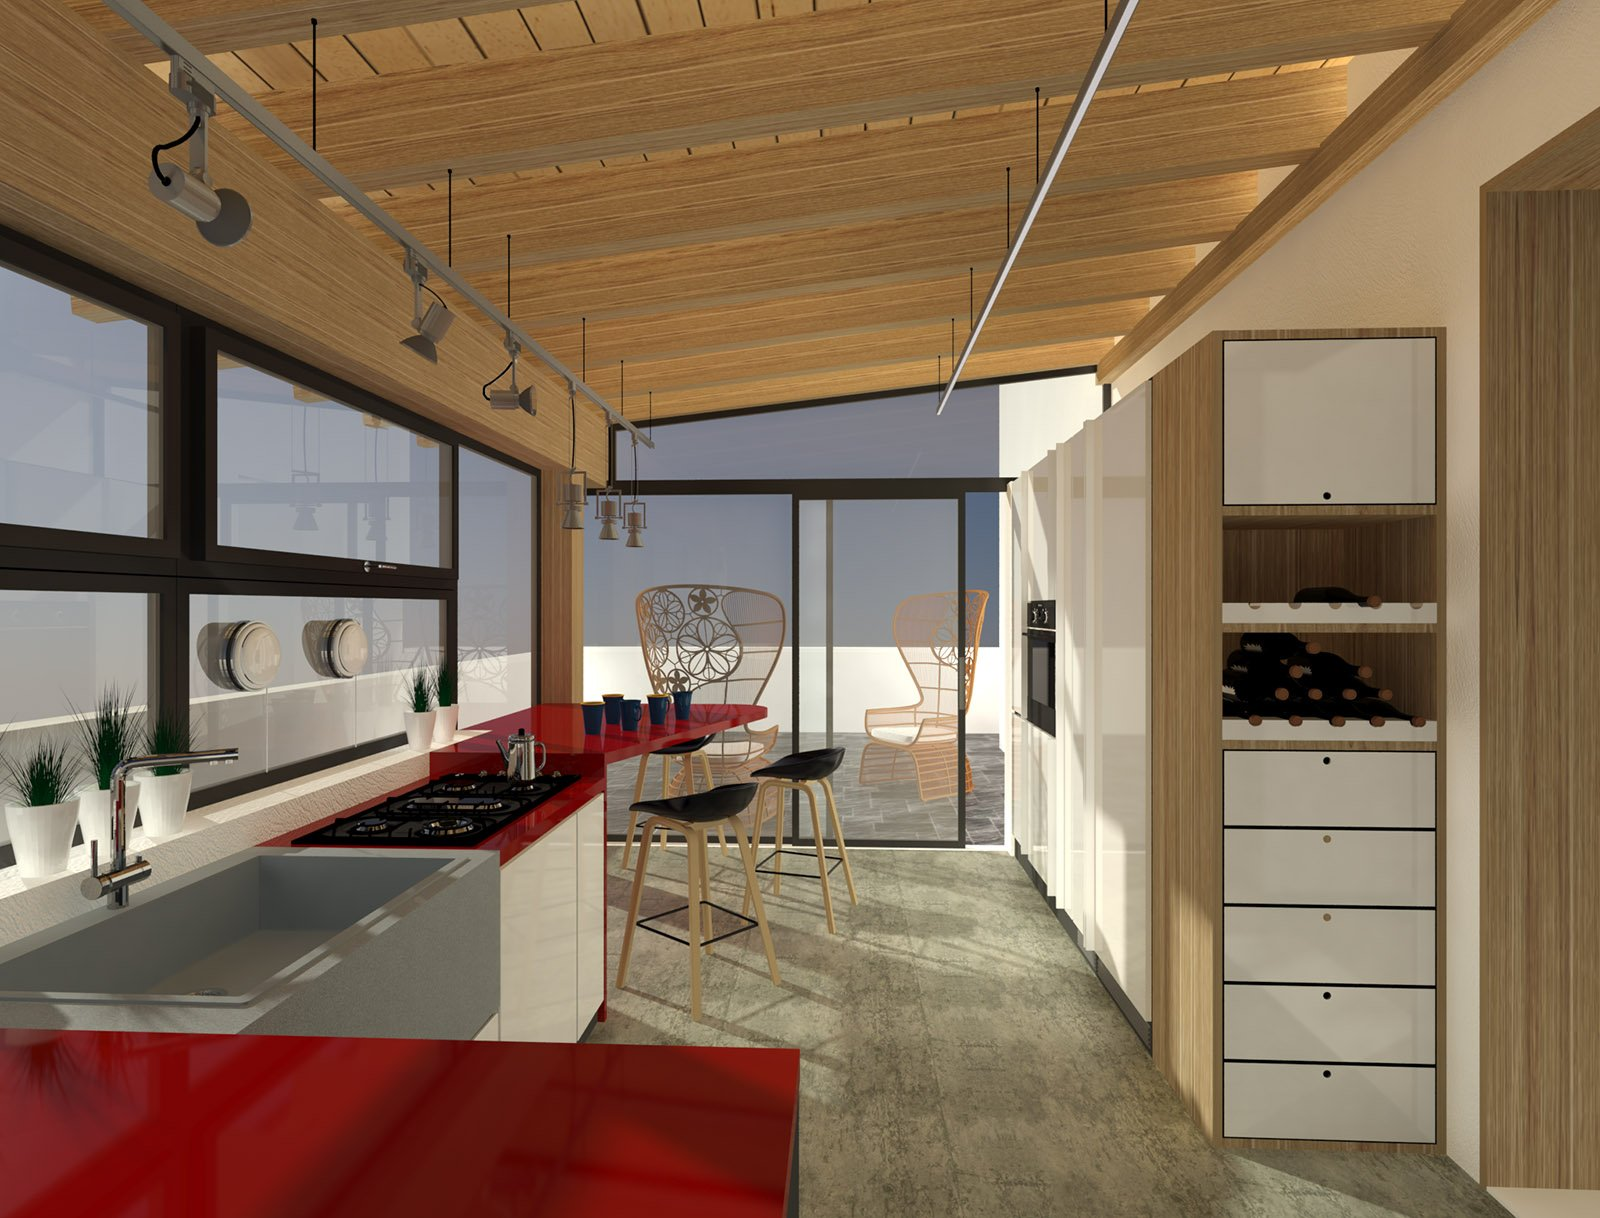 La Cucina Sul Terrazzo Sfruttando Il Piano Casa Cose Di Casa #692C1F 1600 1218 Foto Di Cucine In Pietra